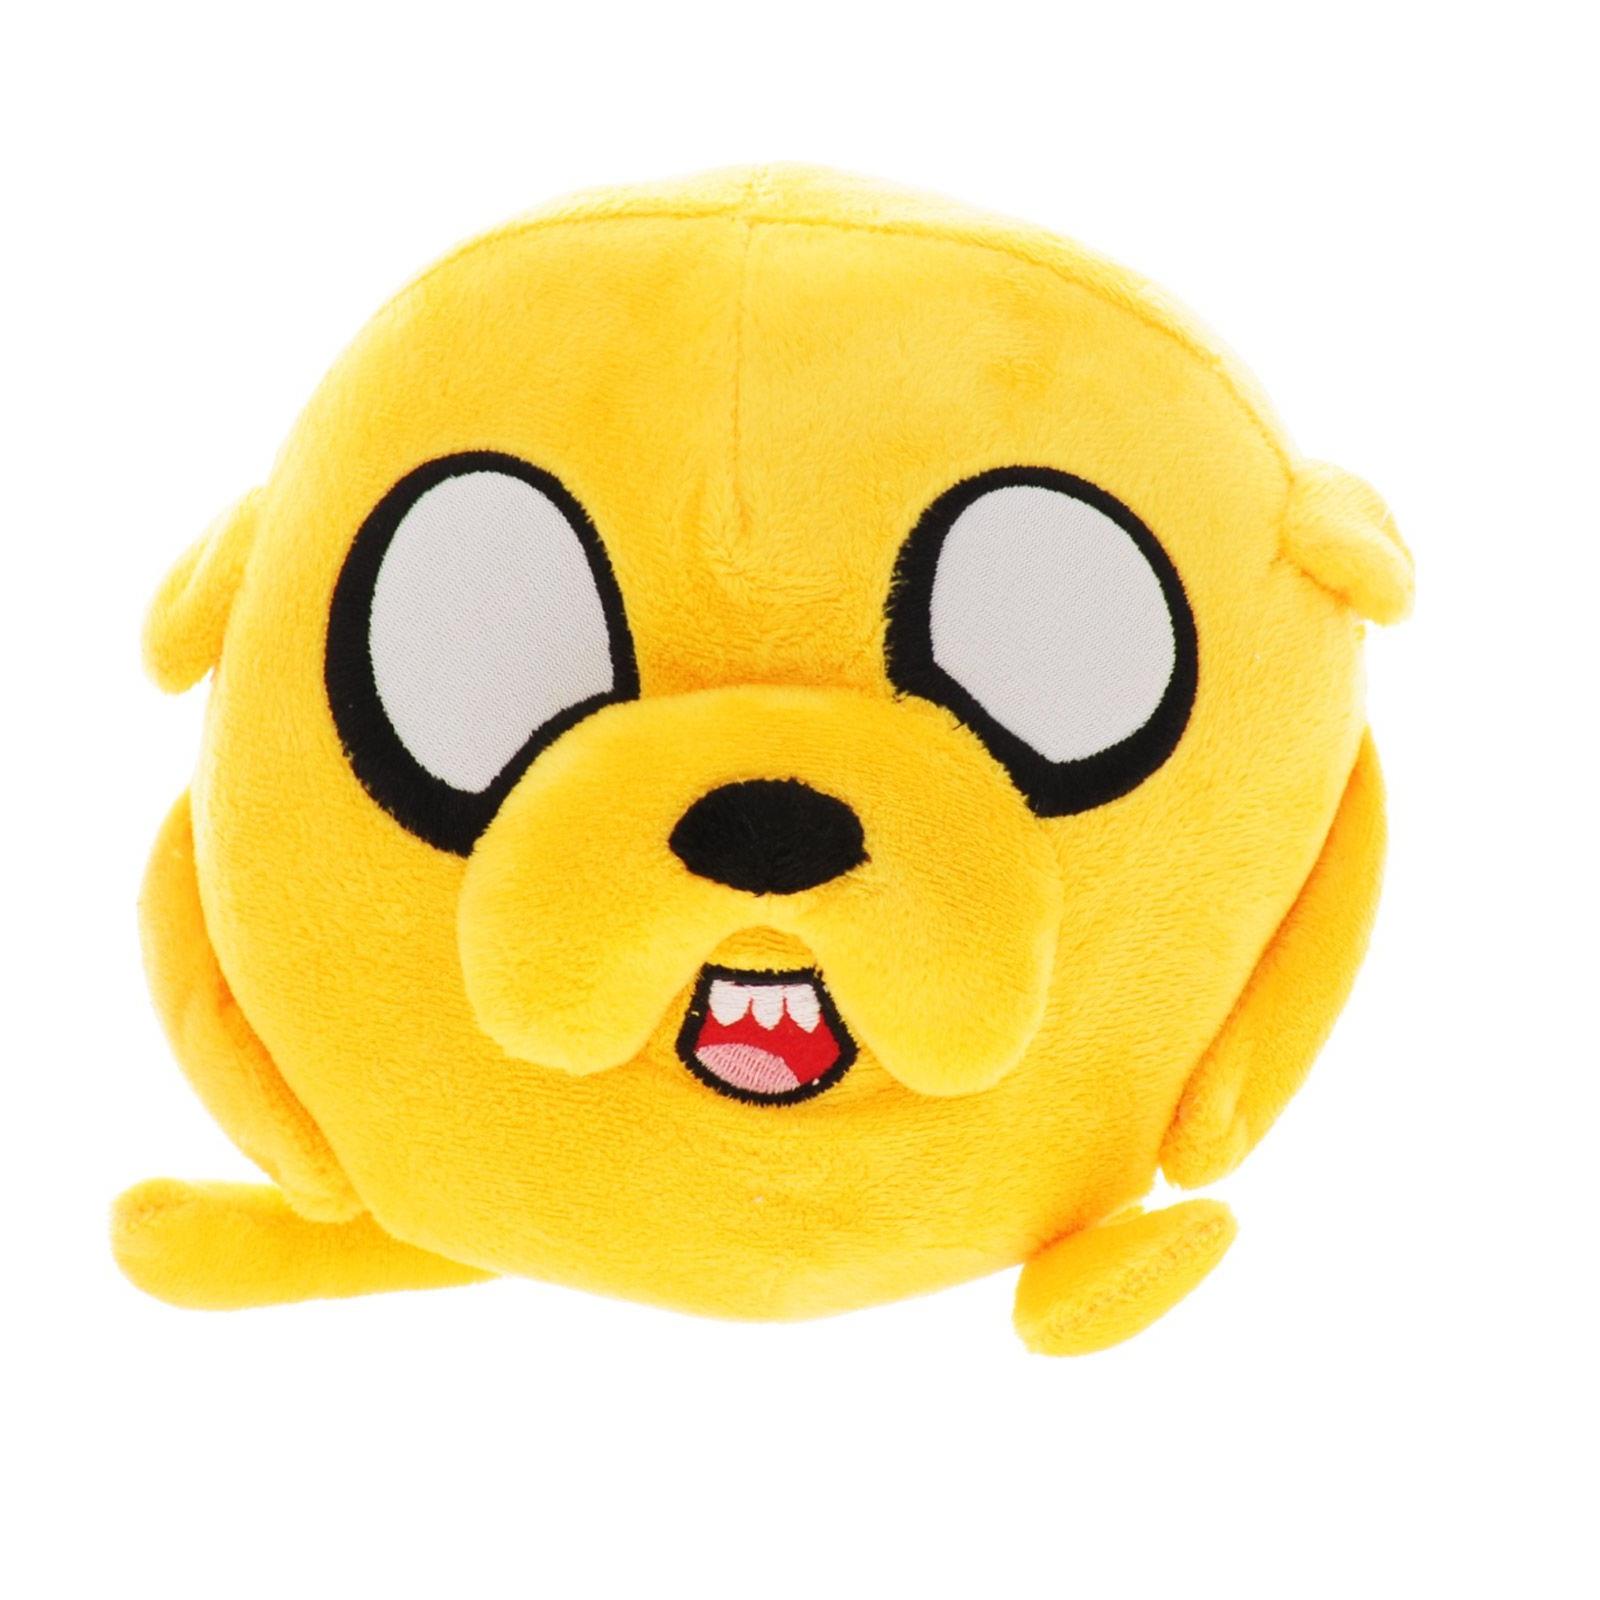 Мягкая игрушка Adventure Time плюшевая Adventure Time Jake Джейк 15 см